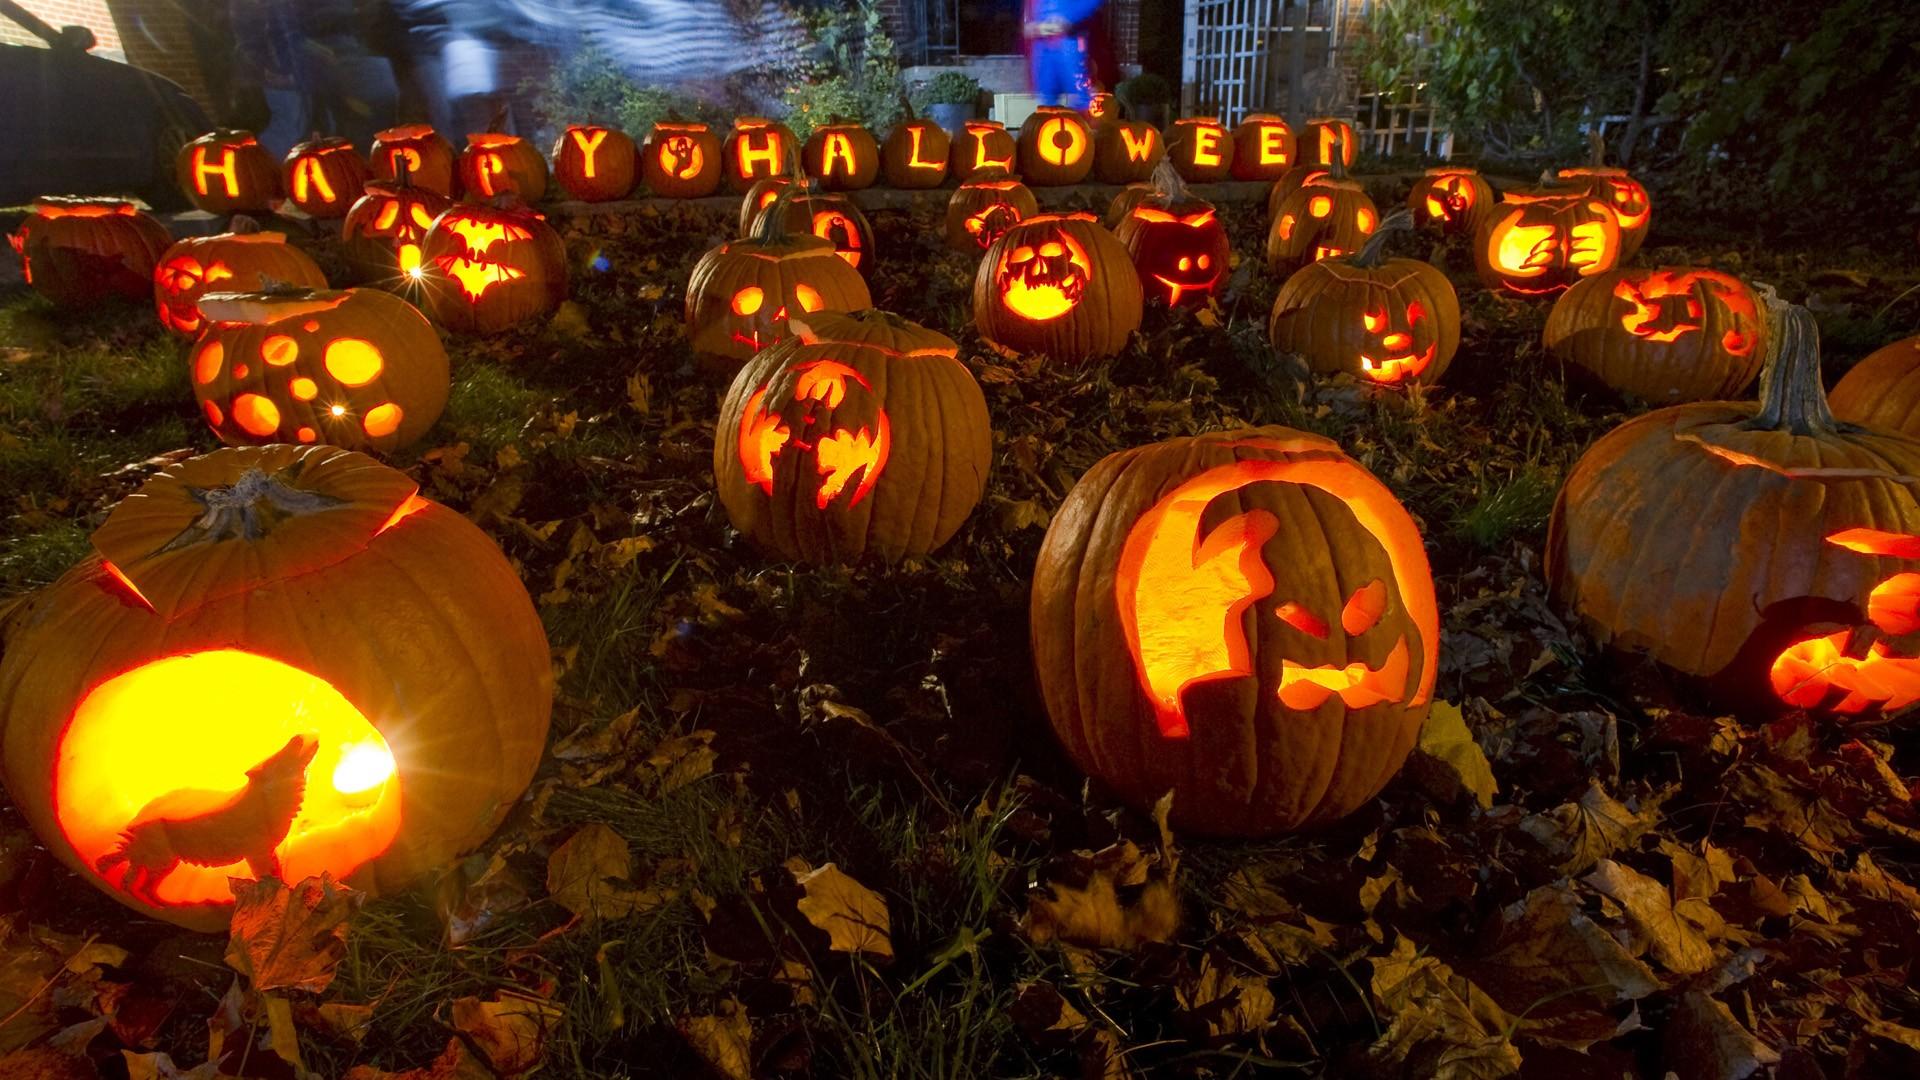 Calabazas para Halloween - 1920x1080